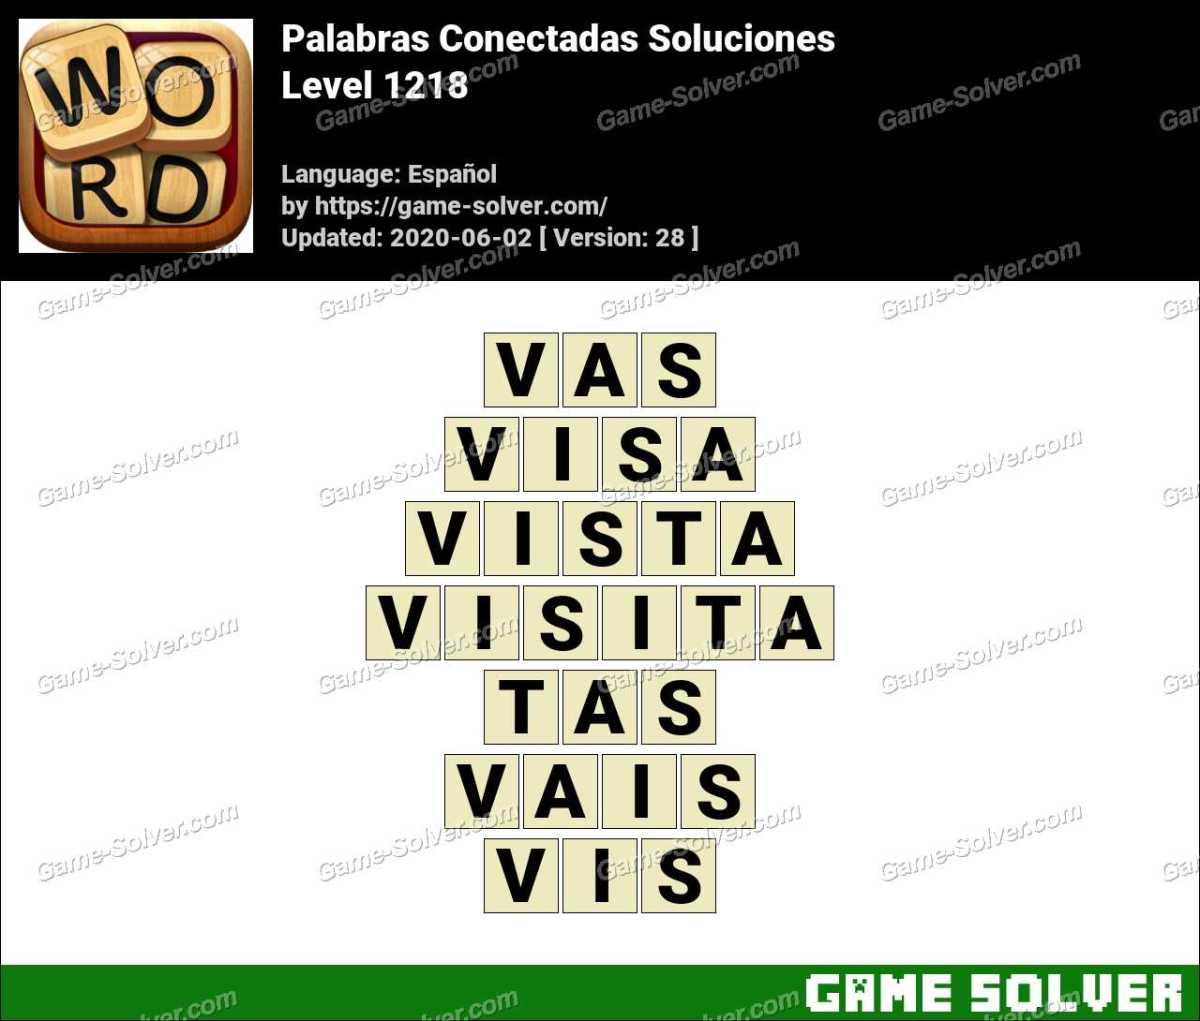 Palabras Conectadas Nivel 1218 Soluciones